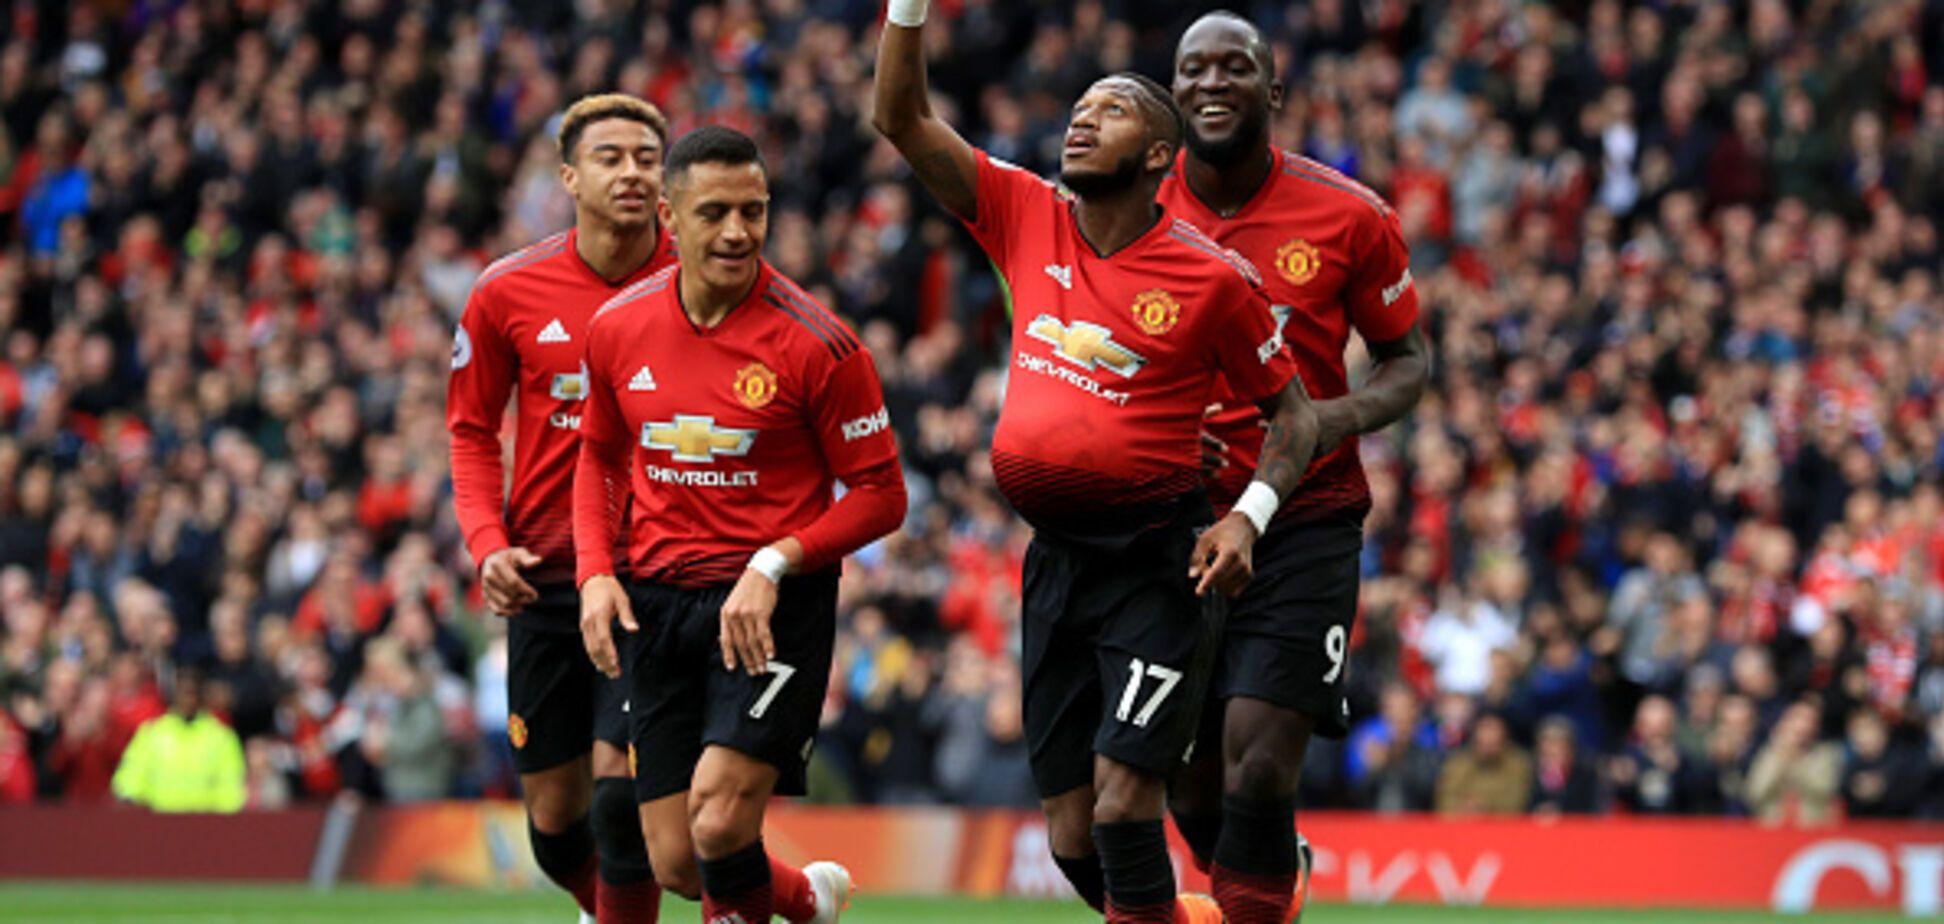 Зірка 'Шахтаря' забив дебютний гол за 'Манчестер Юнайтед'